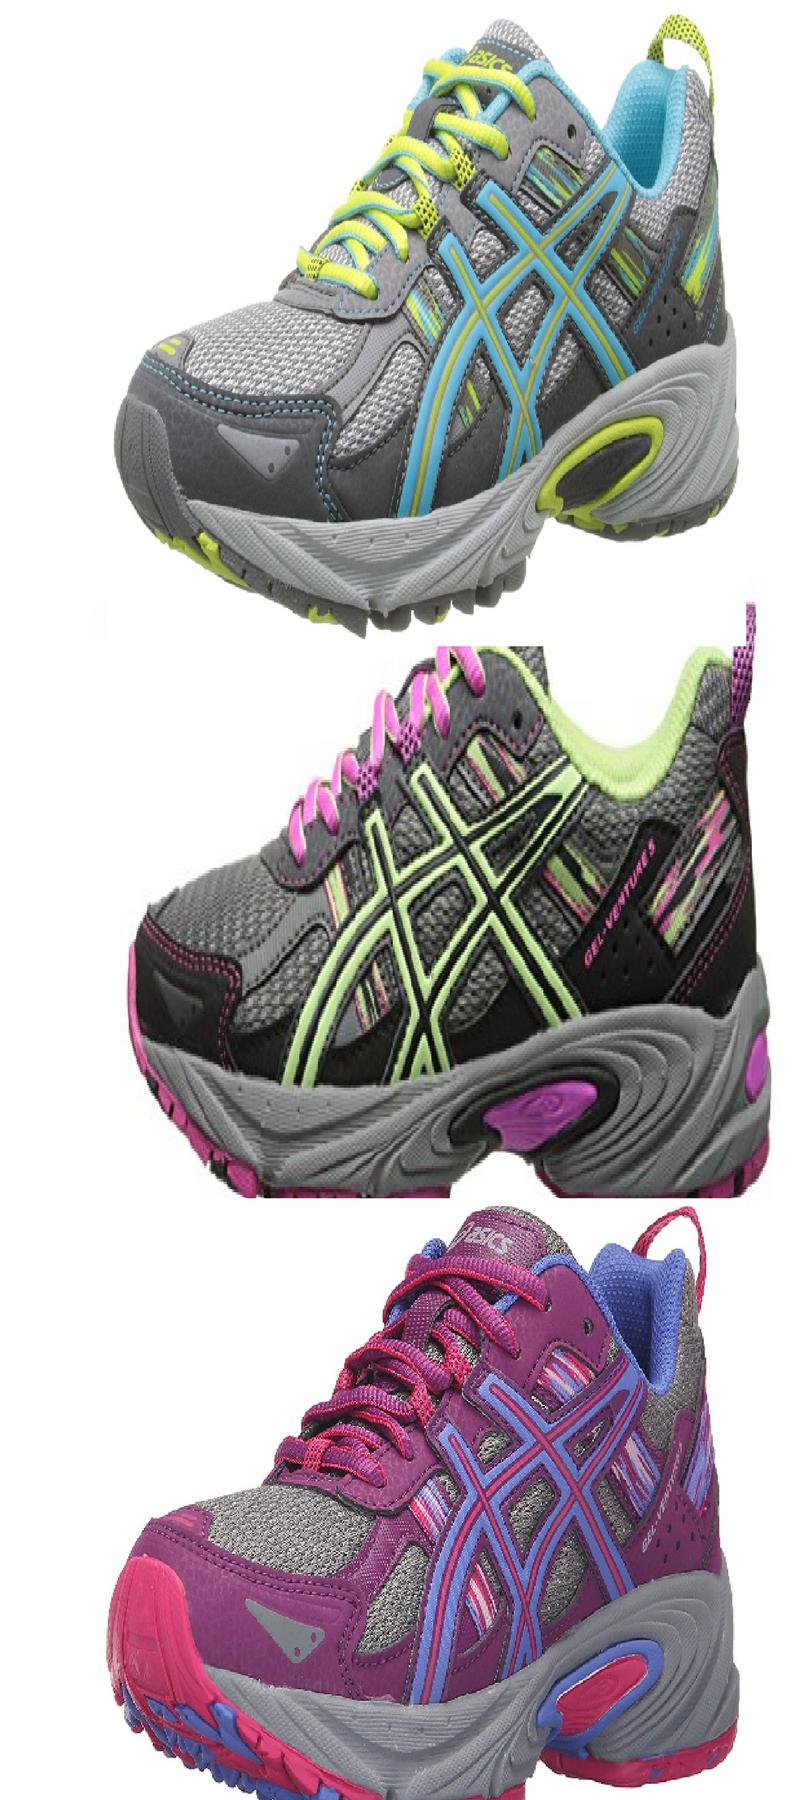 Chaussures Chaussures de course Asics Gel Venture Asics 5 5 pour femmes 55c38d4 - myptmaciasbook.club